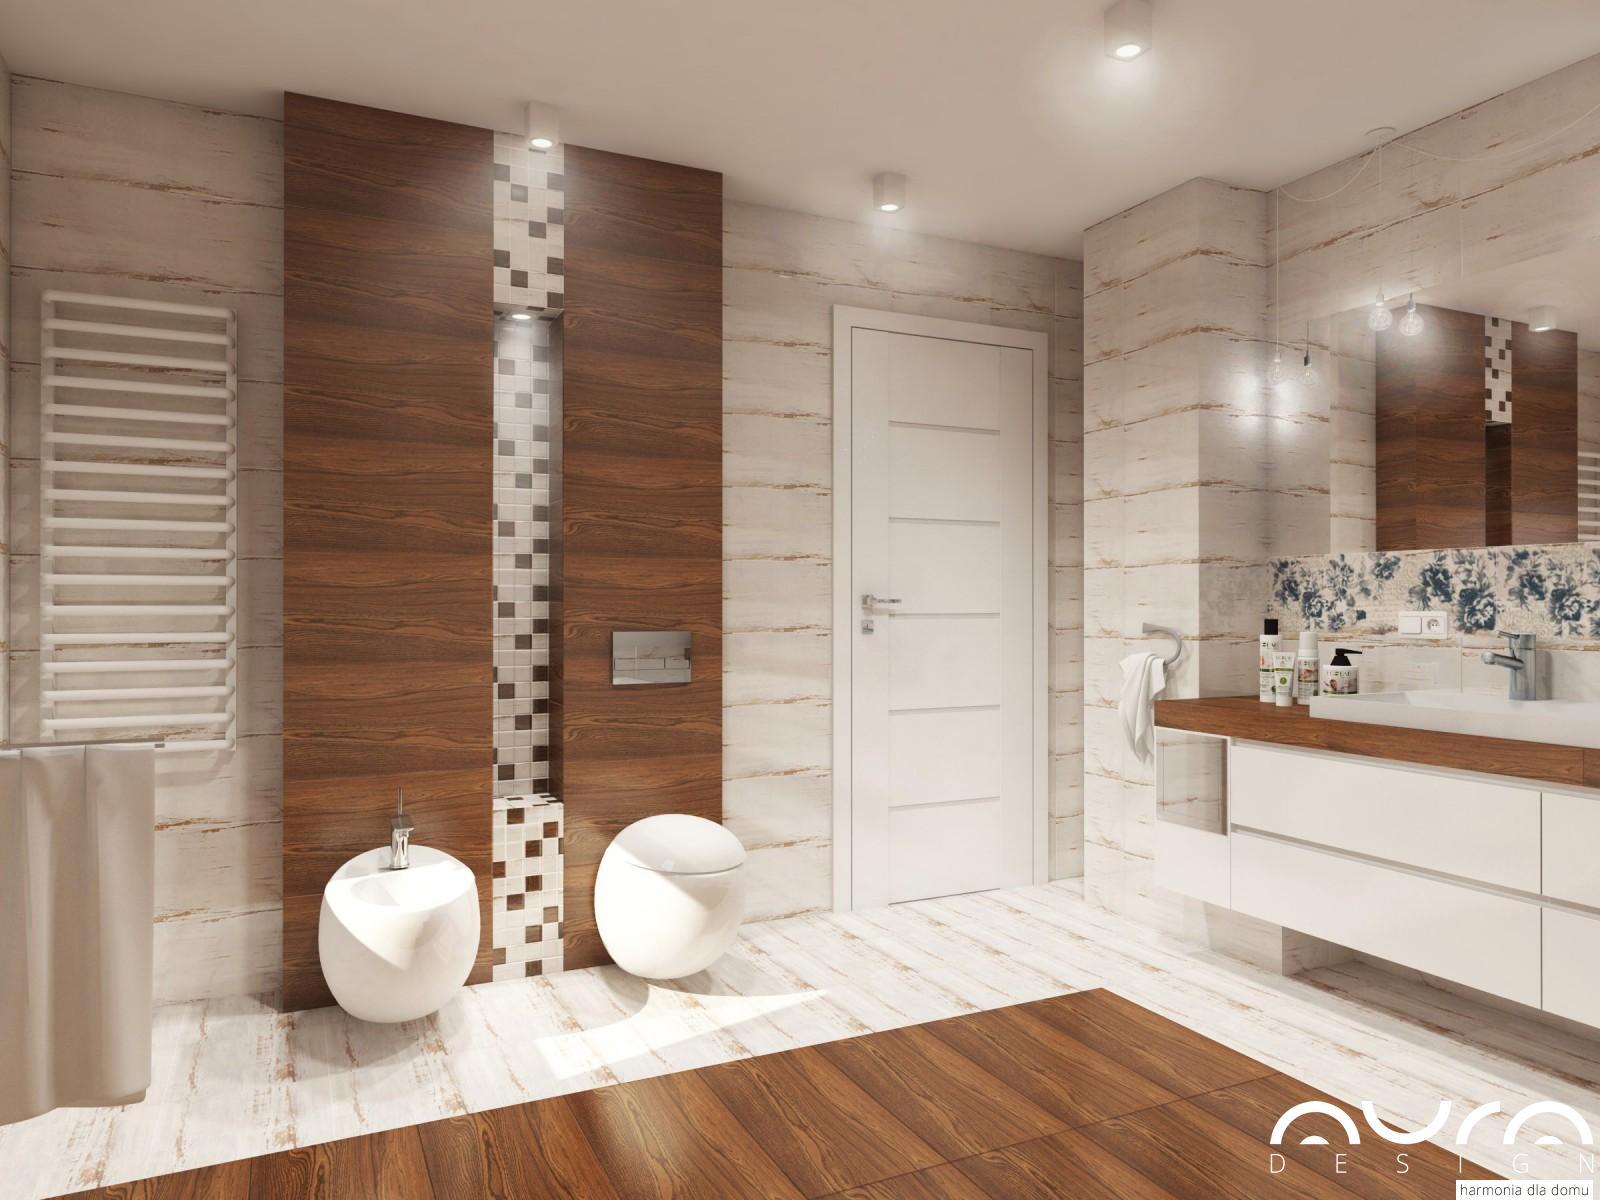 łazienka na poddaszu Auradesign.pl